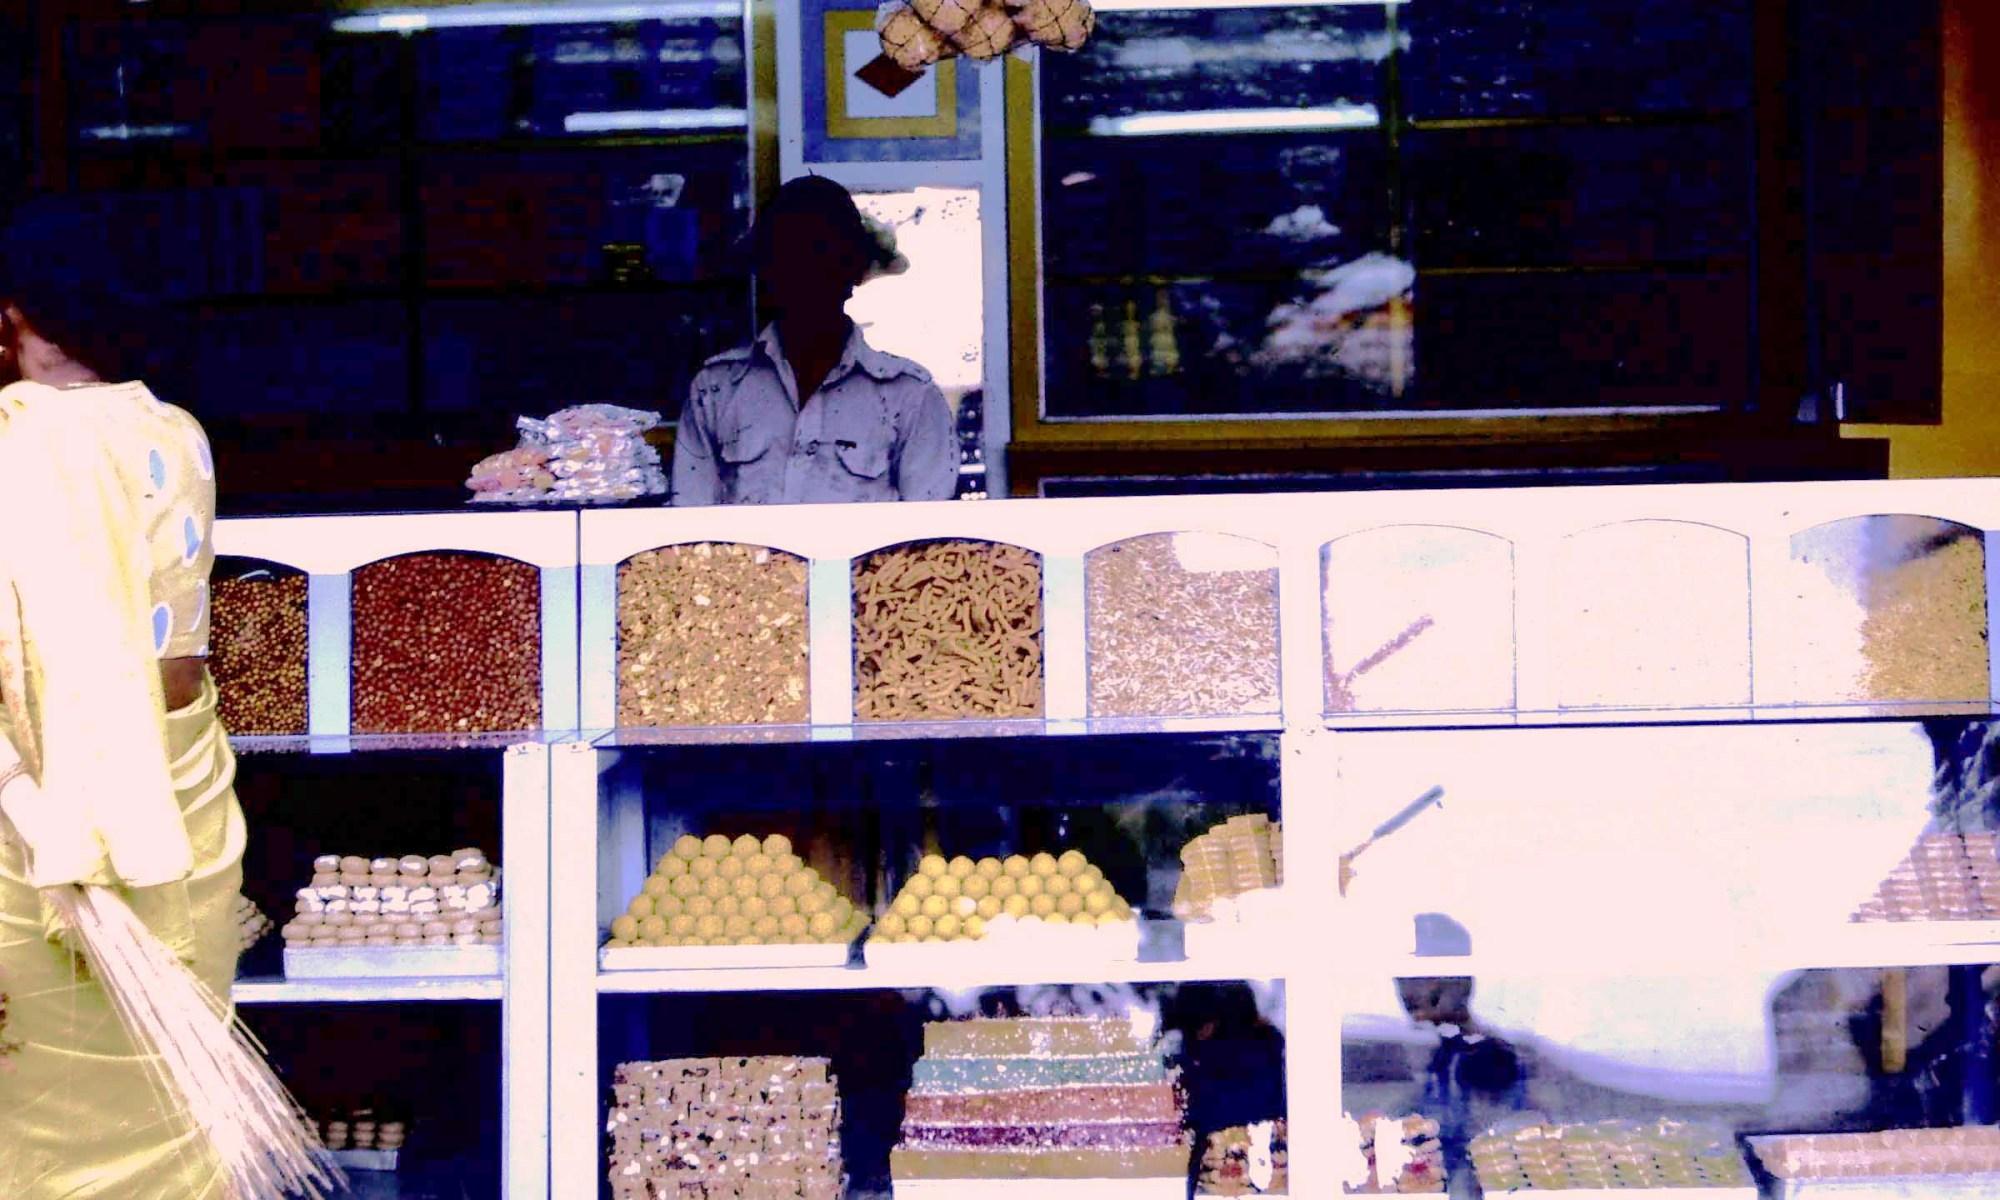 Süssigkeiten Indien 1983 (c) Corinne I. Heitz